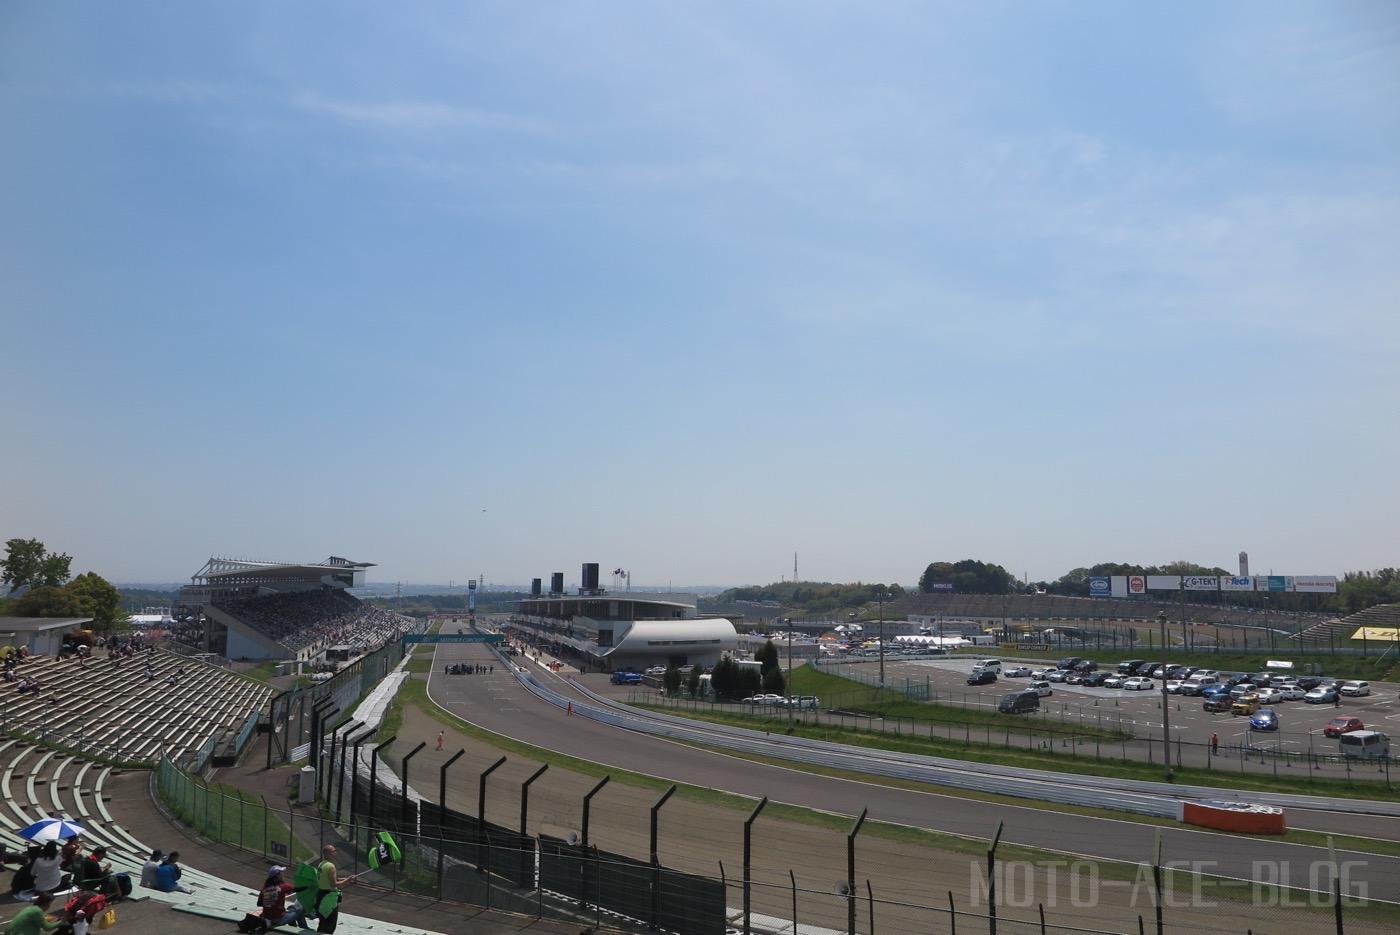 鈴鹿2&4JSBクラス決勝レースを観察してライディング改善案を洗い出す